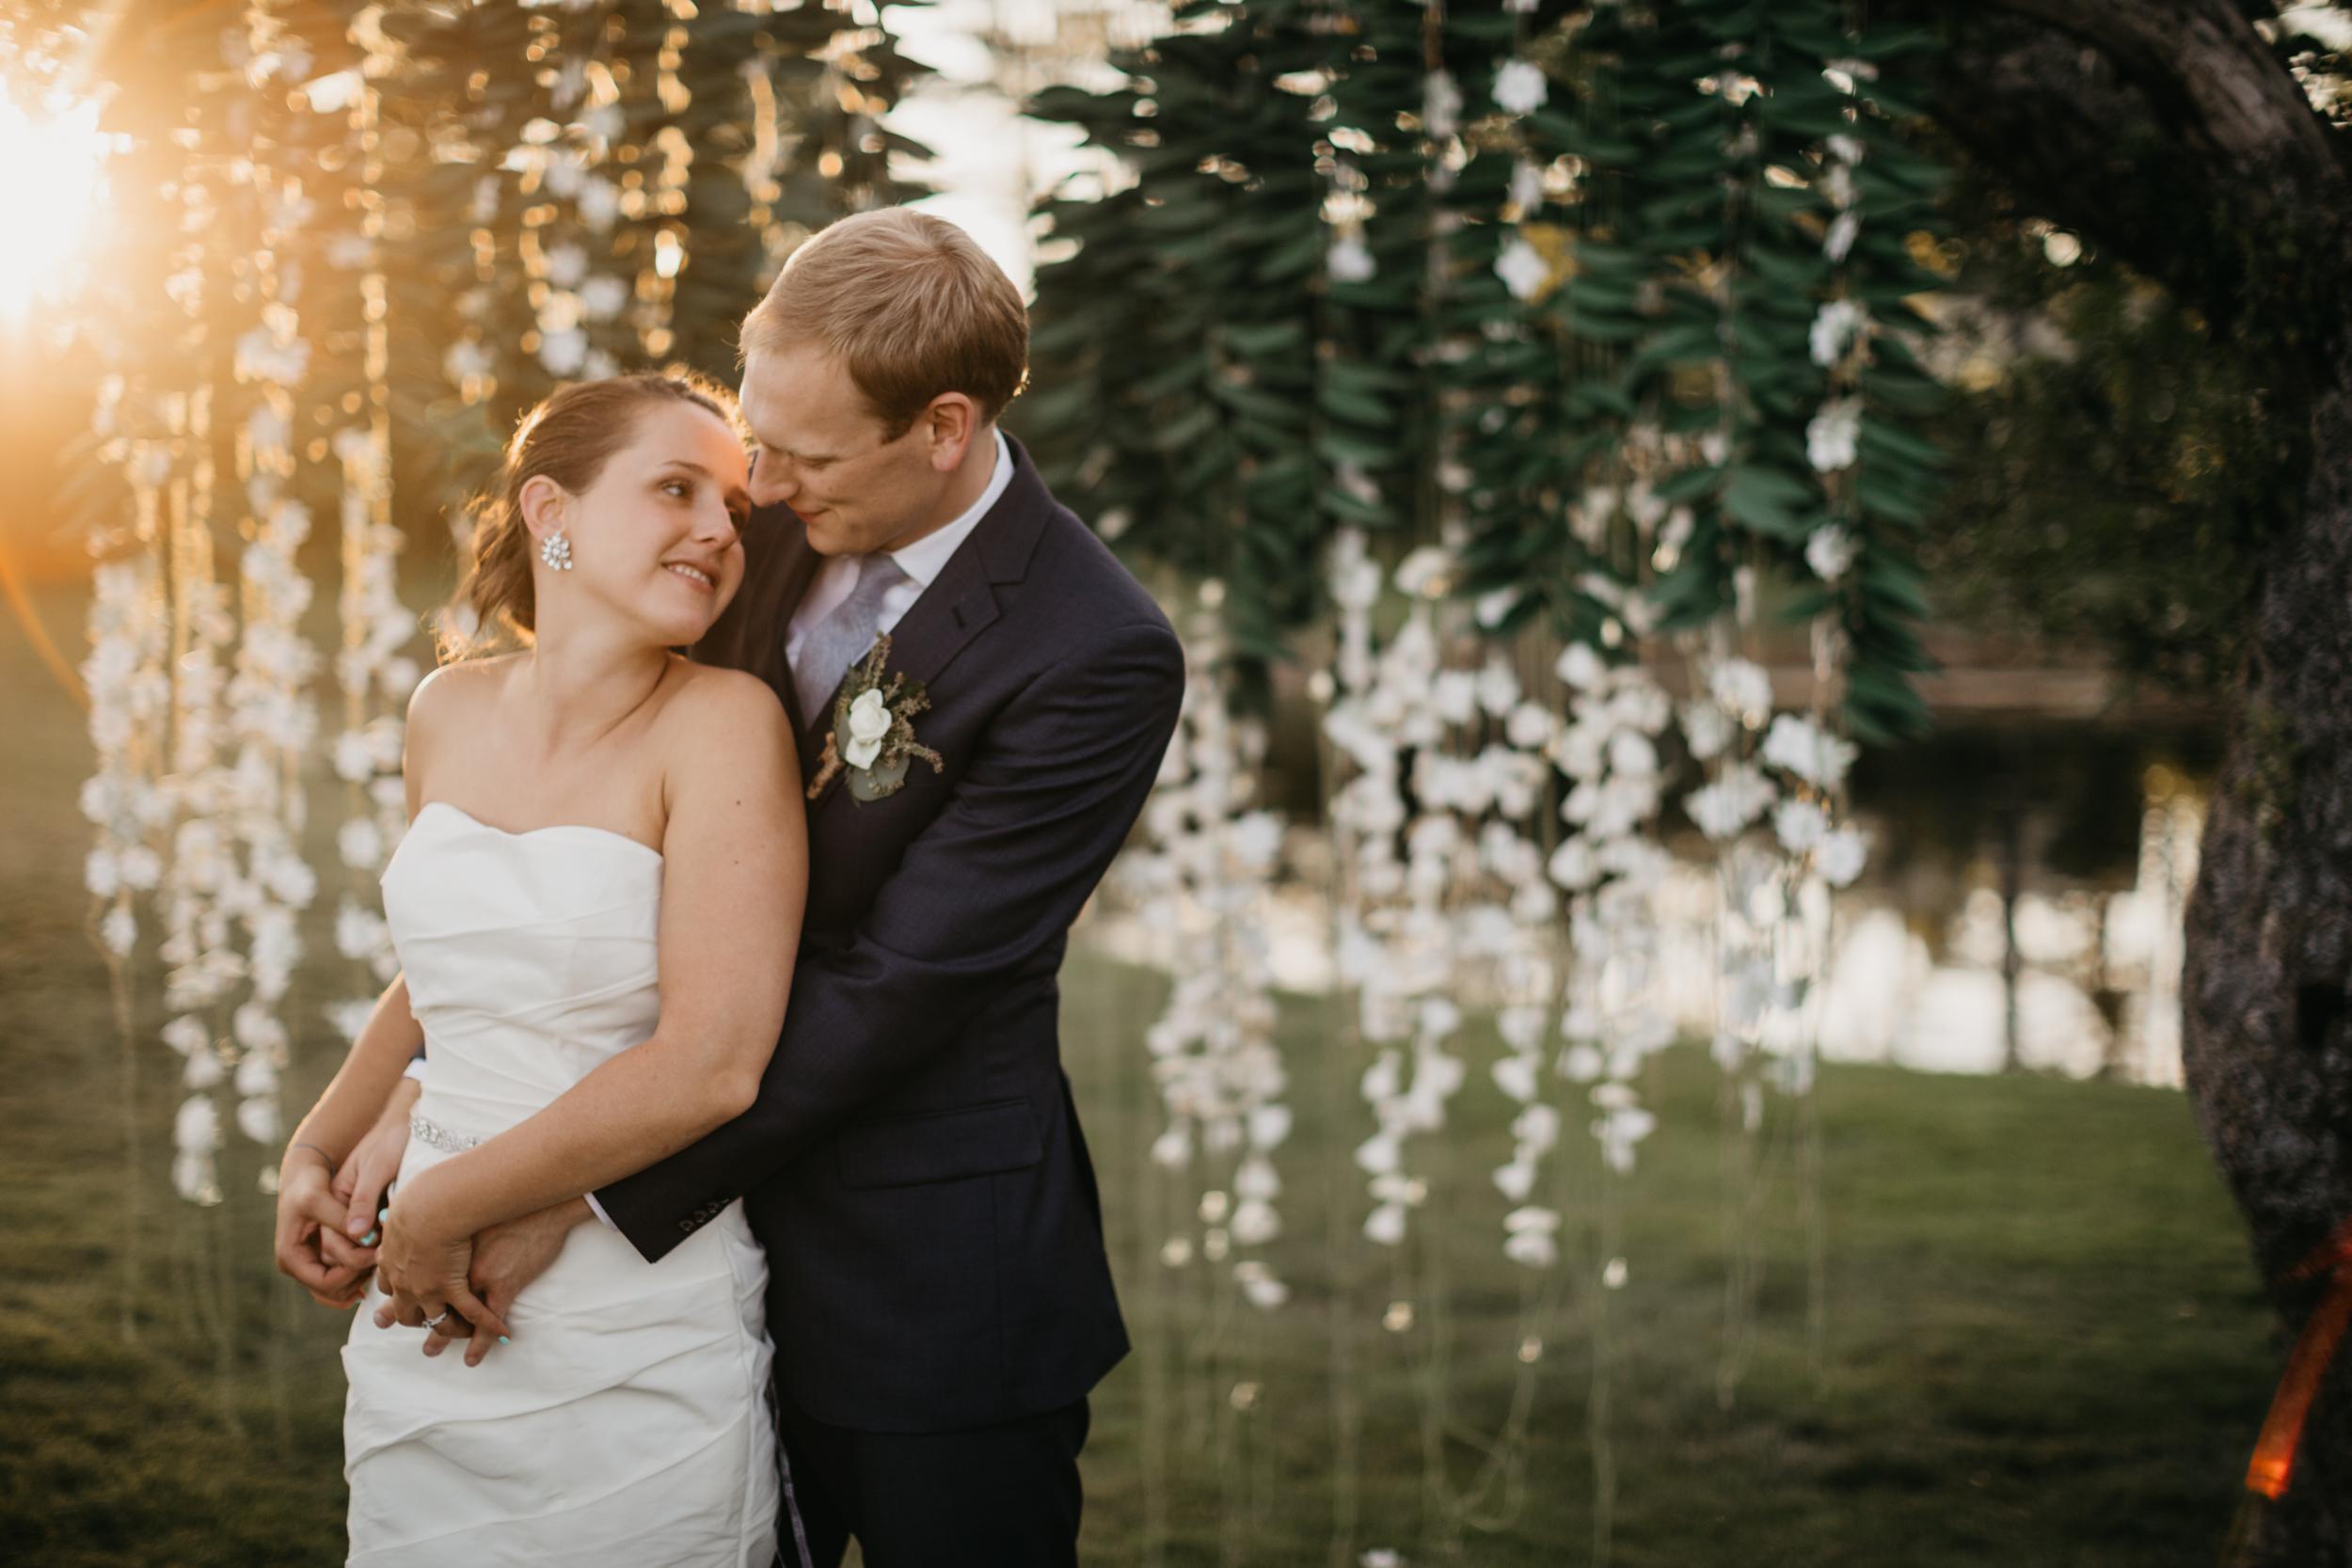 Jessie_Erik_Pownal_Maine_Wedding_William_allen_farm_049.jpg